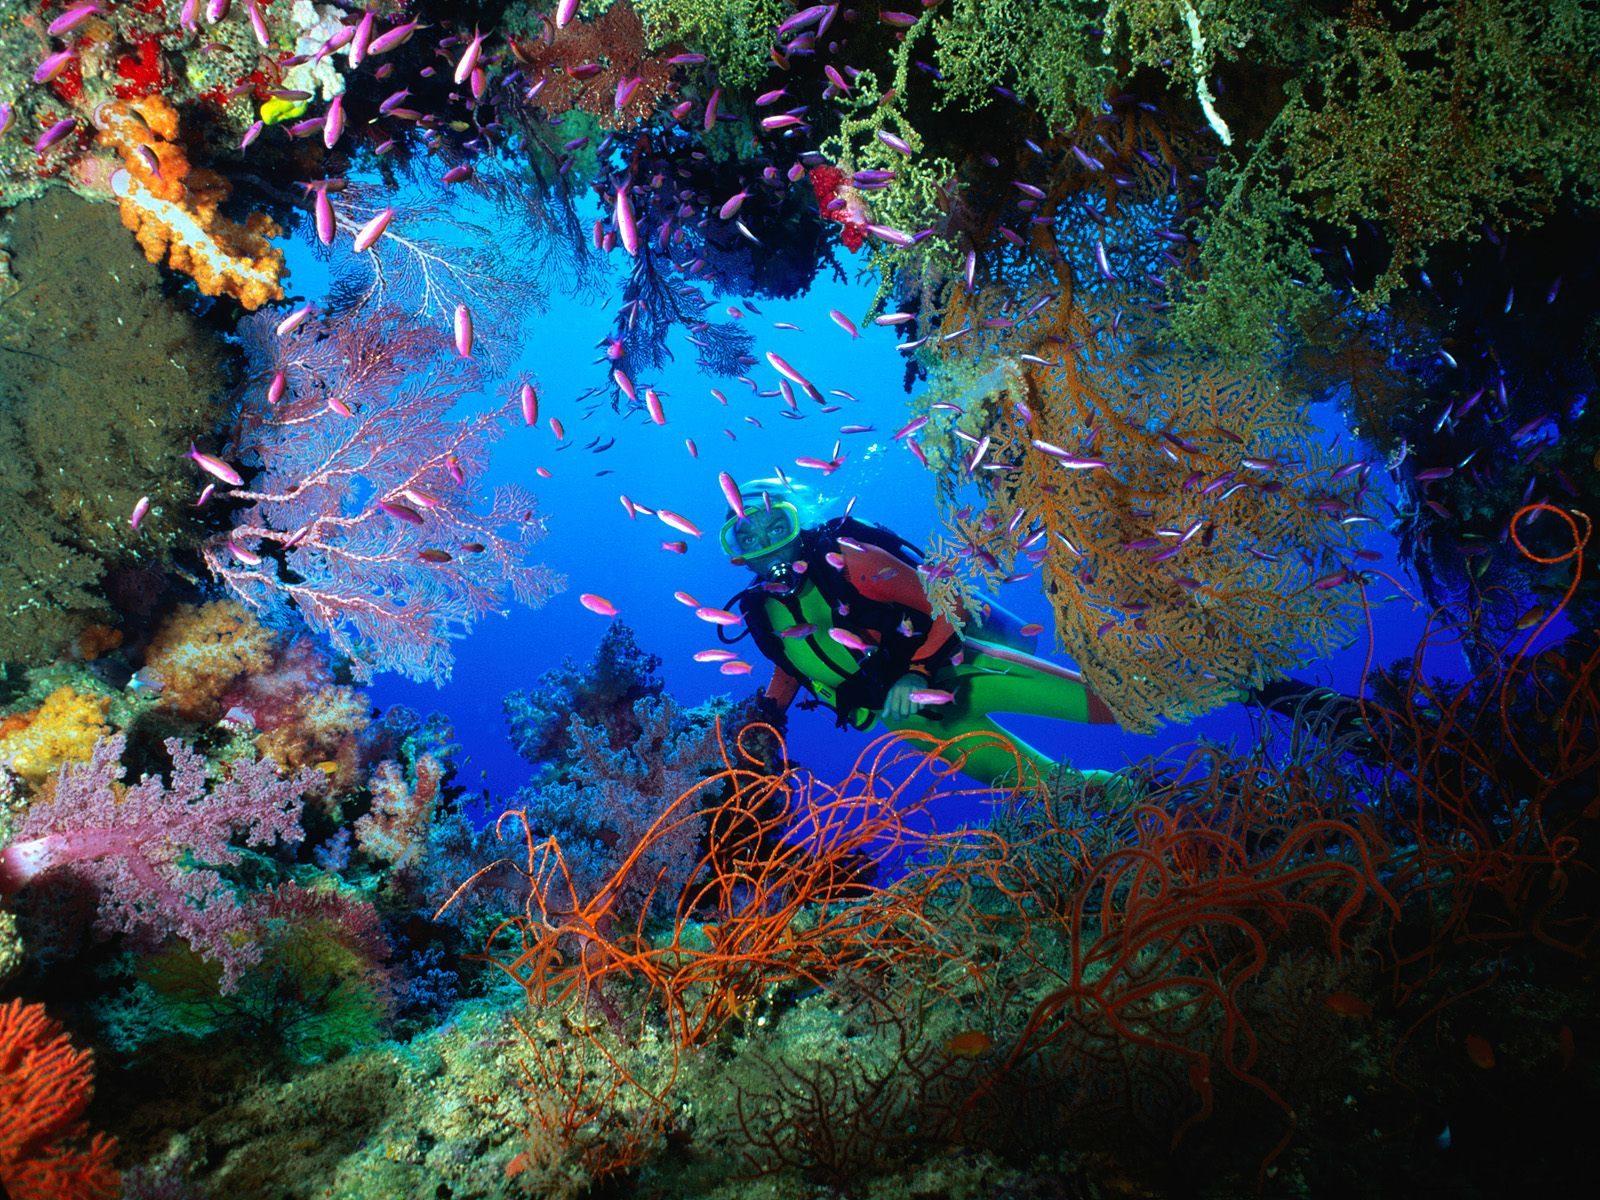 Una stupenda apertura in un muro di coralli in Malesia